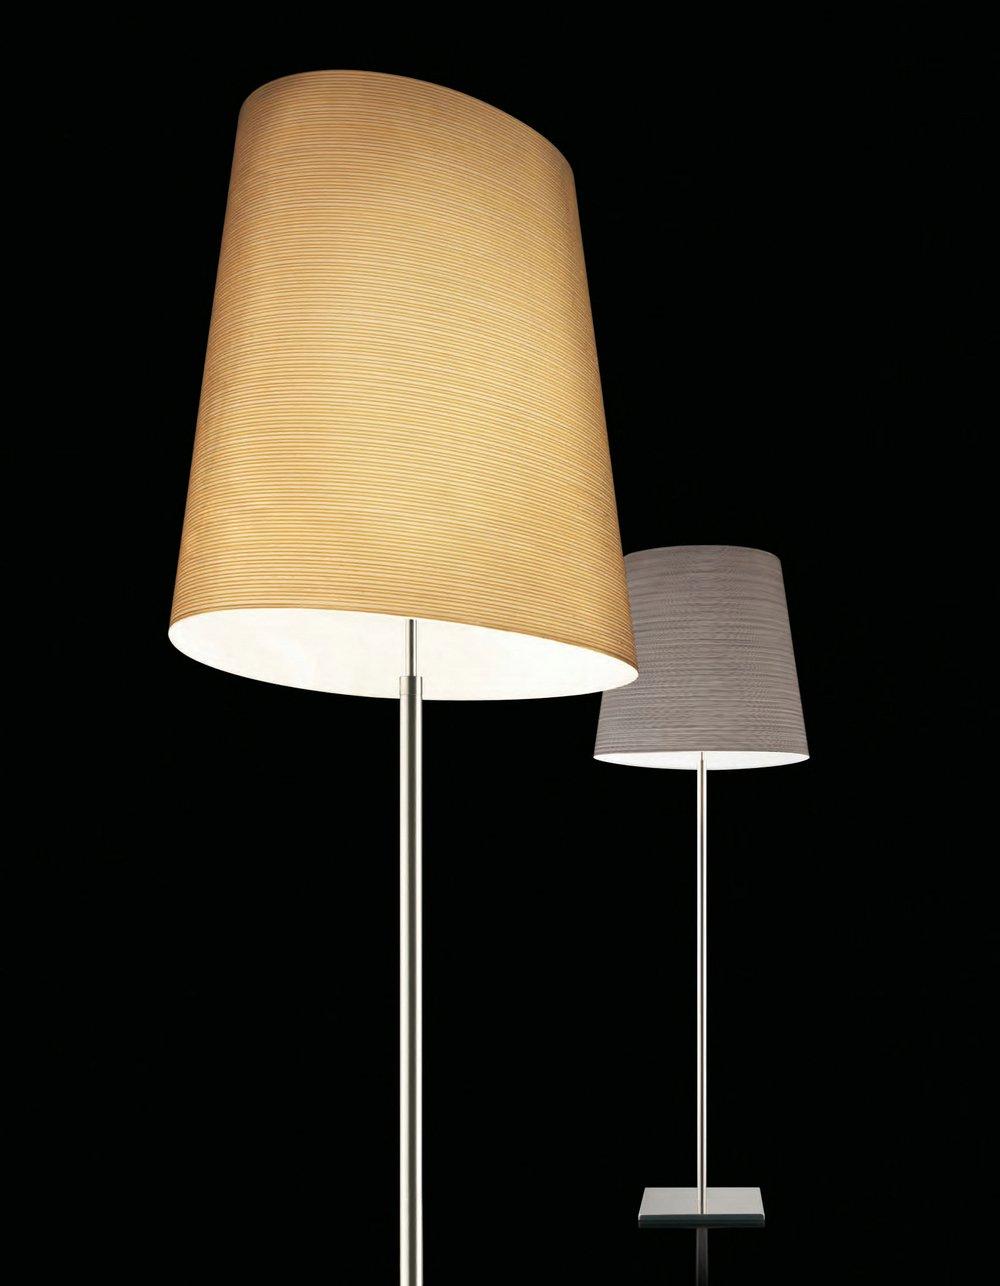 foscarini giga lite l mpara von stehlampe 139s001 20 l mparas de dise o. Black Bedroom Furniture Sets. Home Design Ideas